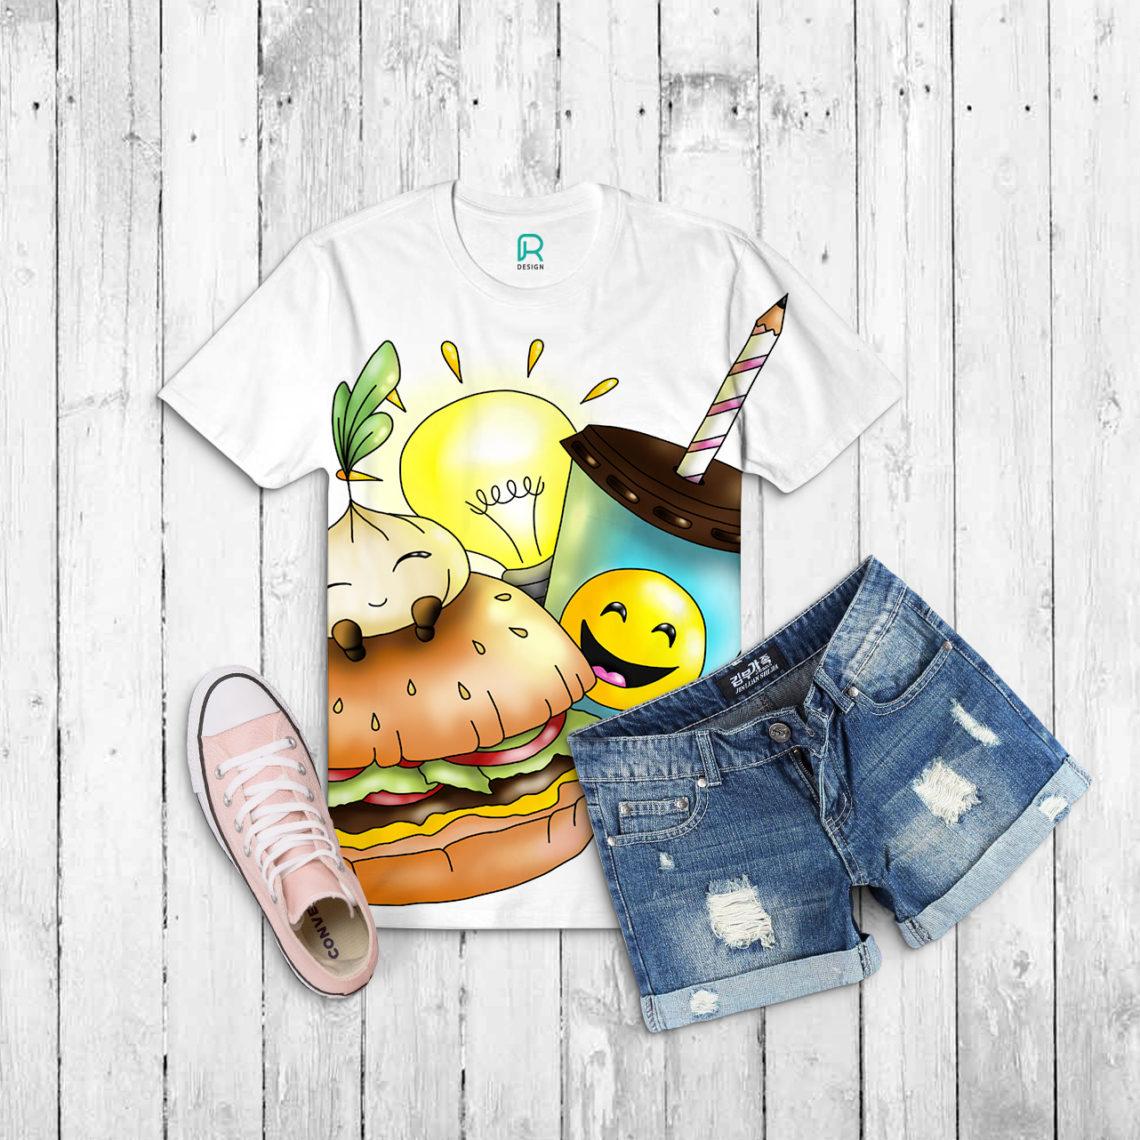 Veranschaulichung der bunten Illustration als Mockup auf einem weißen Shirt